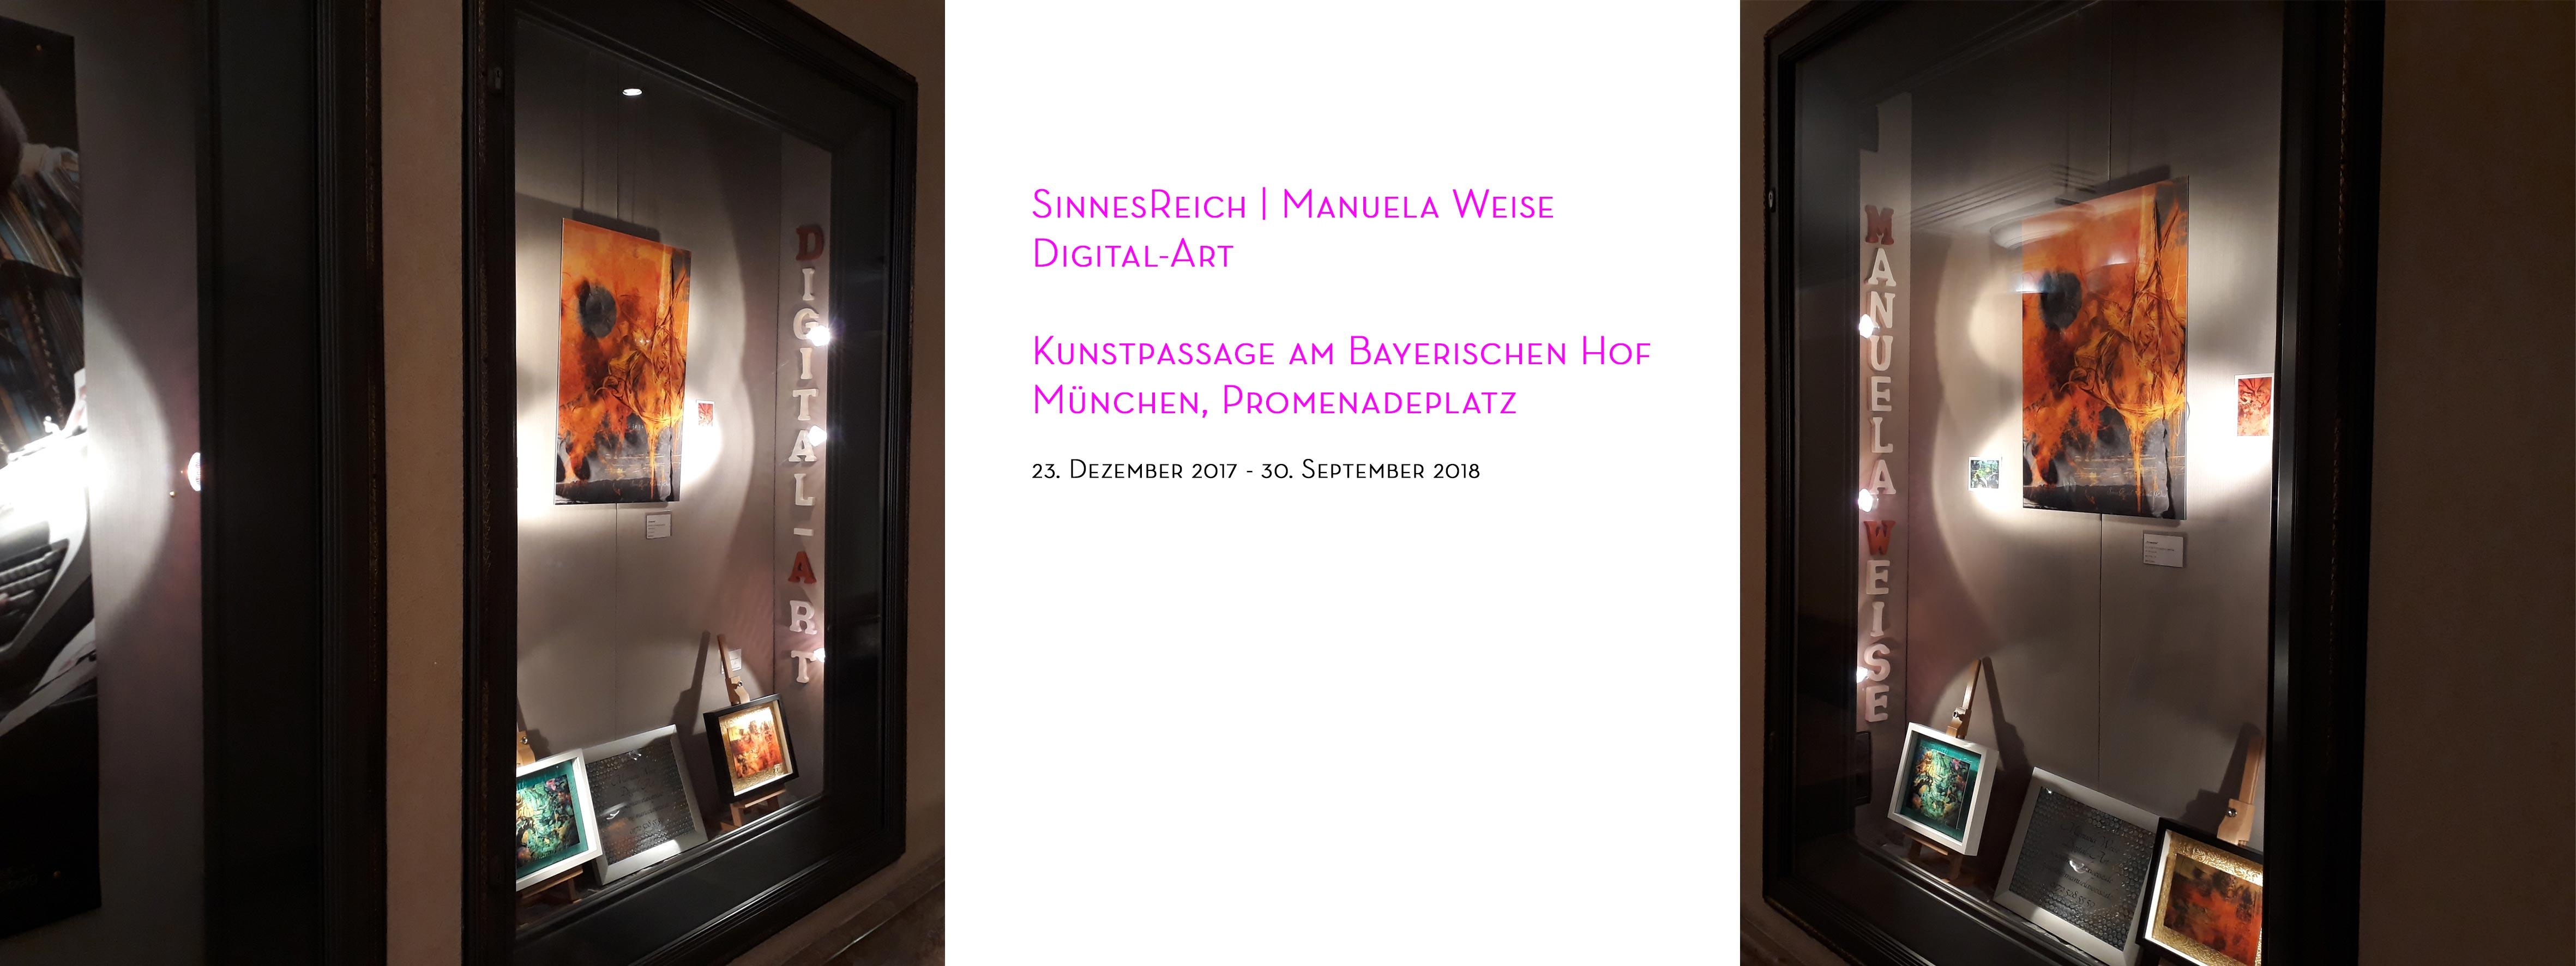 Ausstellung SinnesReich Manuela Weise - Vitrine in der Kunstpassage am Bayerischen Hof